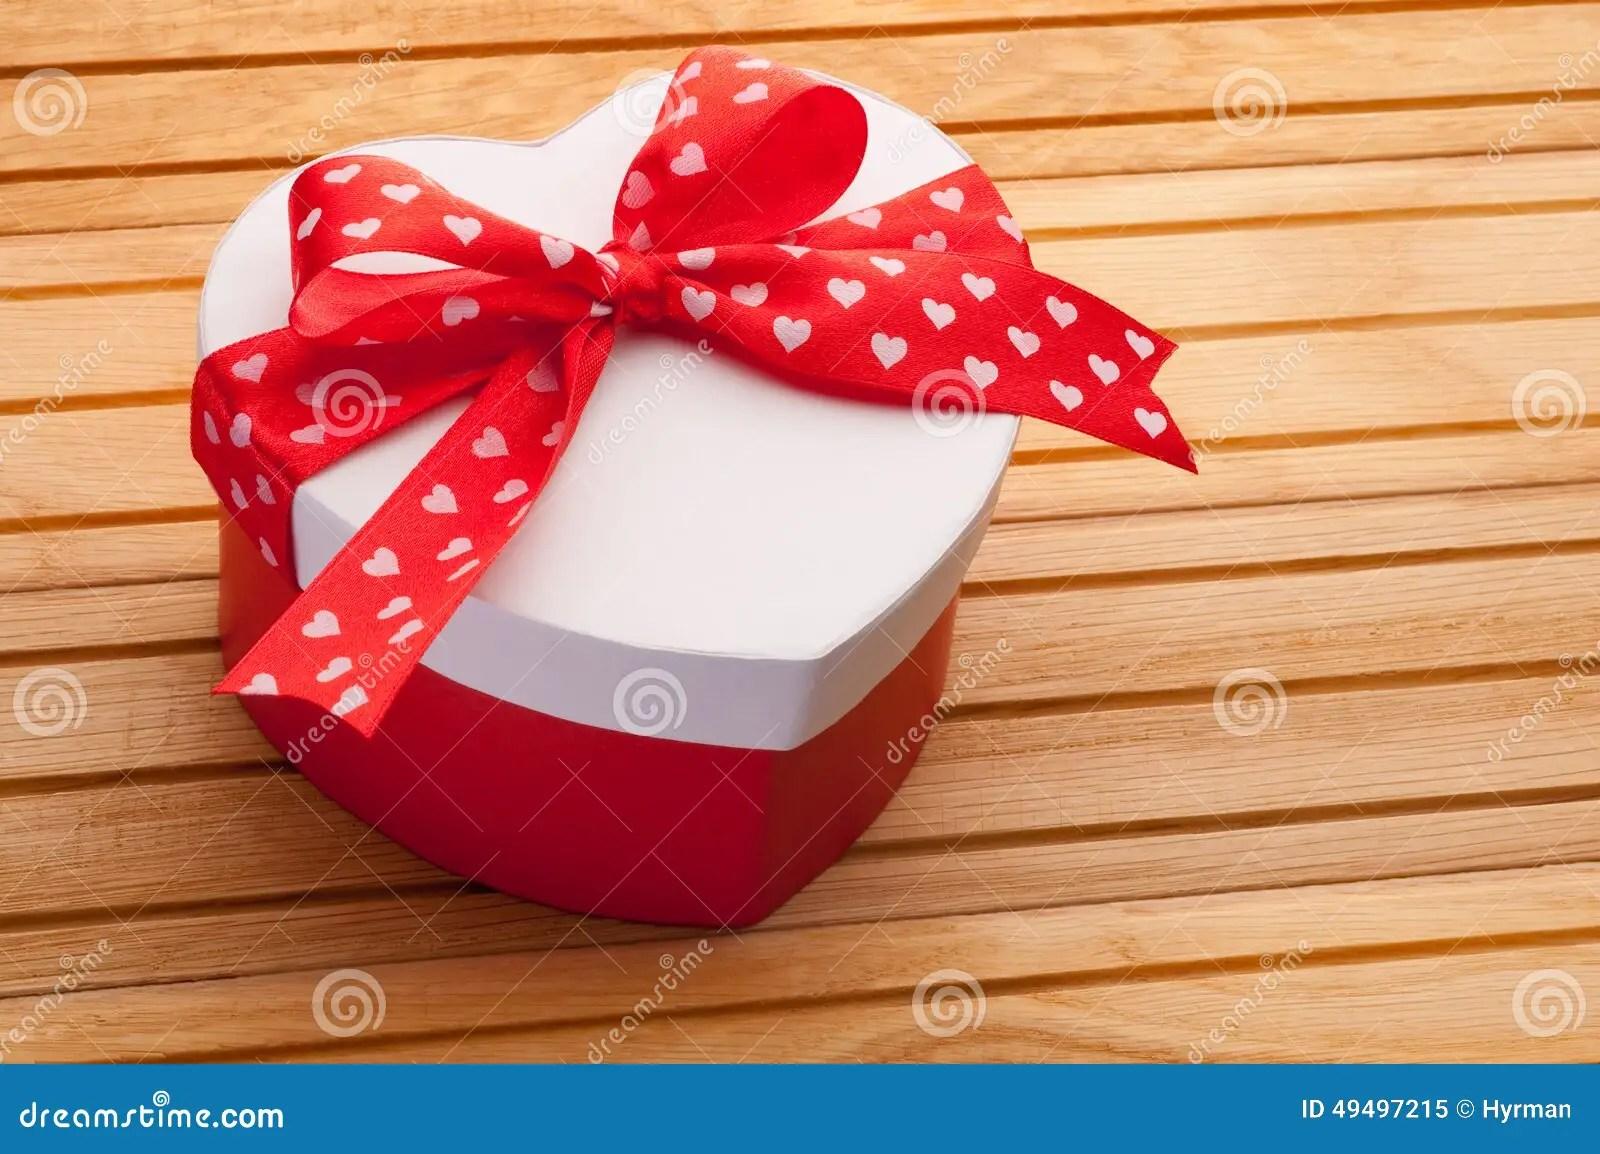 Geschenk In Form Von Dem Herzen Gebunden Mit Rotem Band